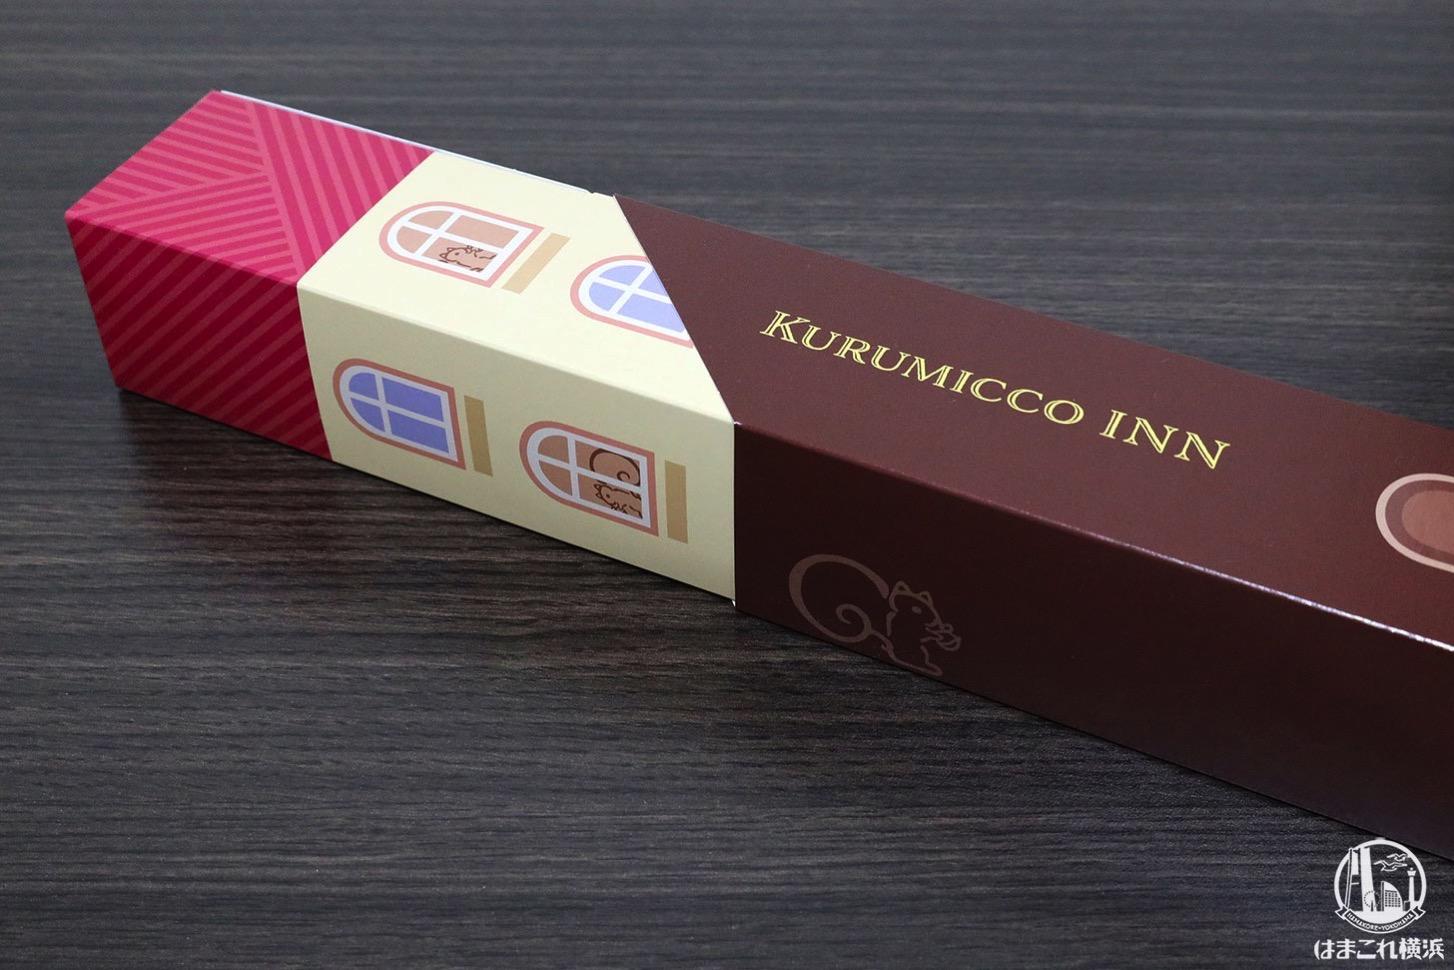 クルミッ子INN スライド式の箱デザイン3